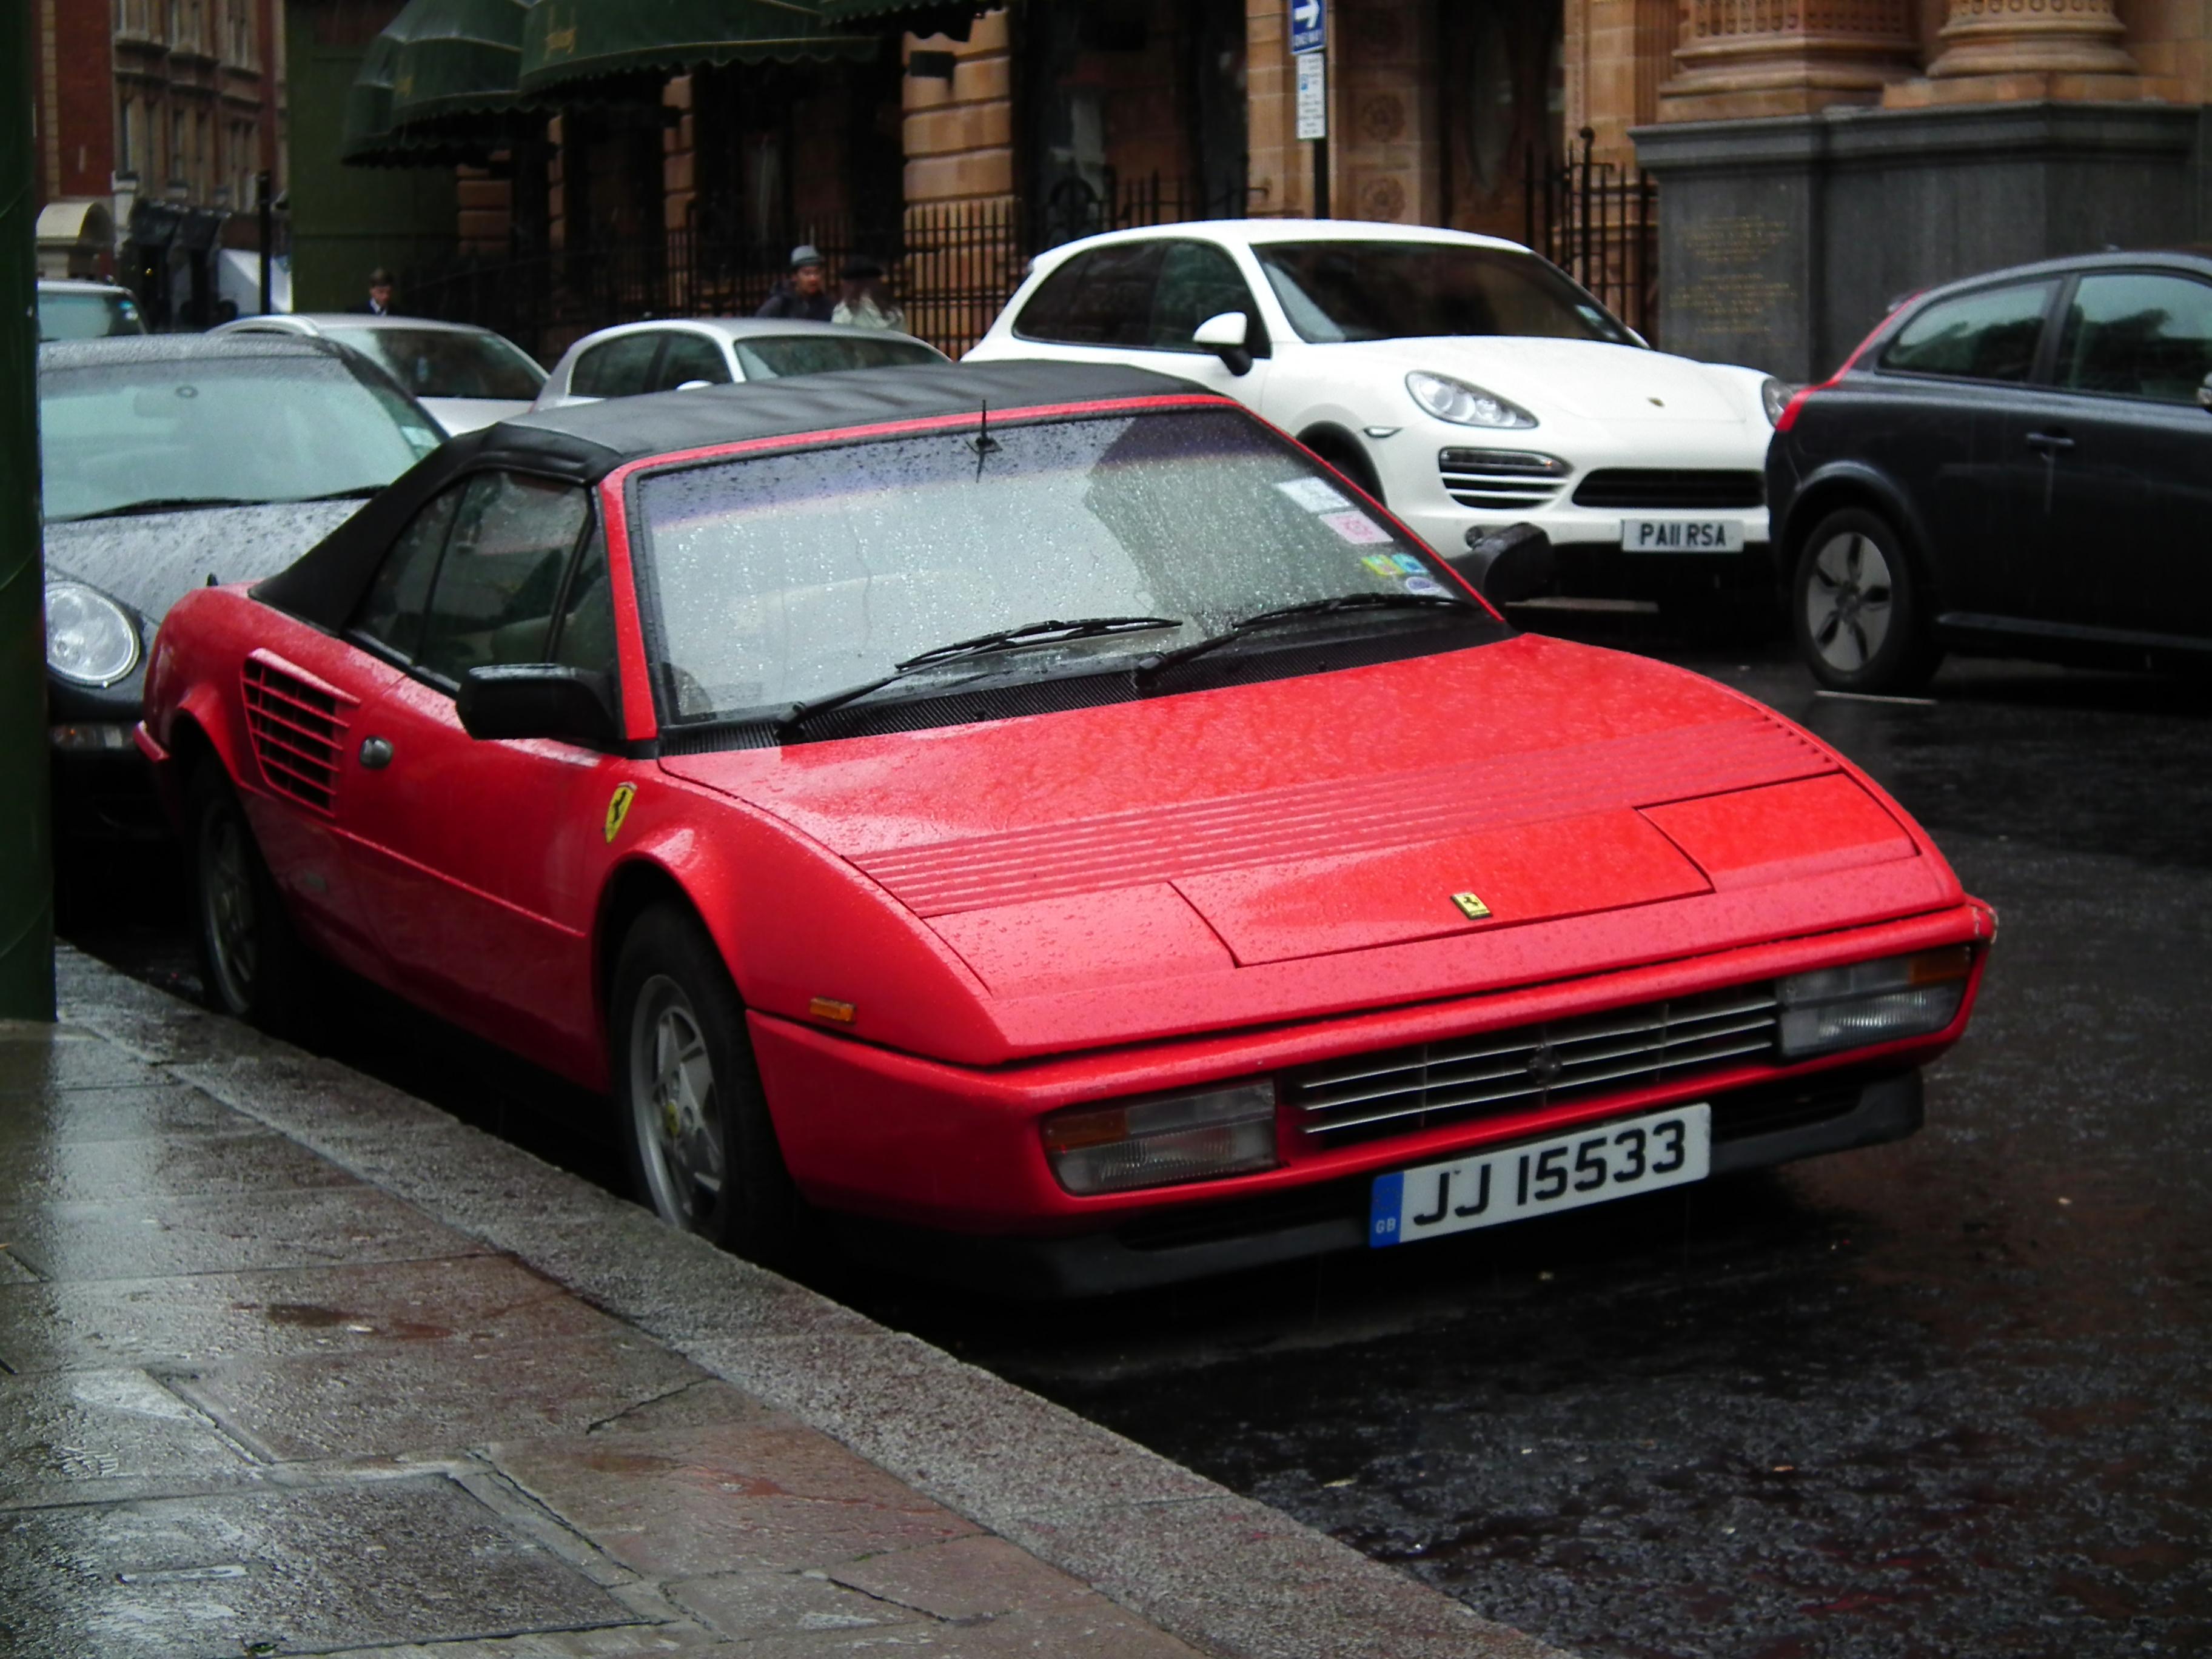 Ferrari Testarossa Cabrio - Fotos de coches - Zcoches